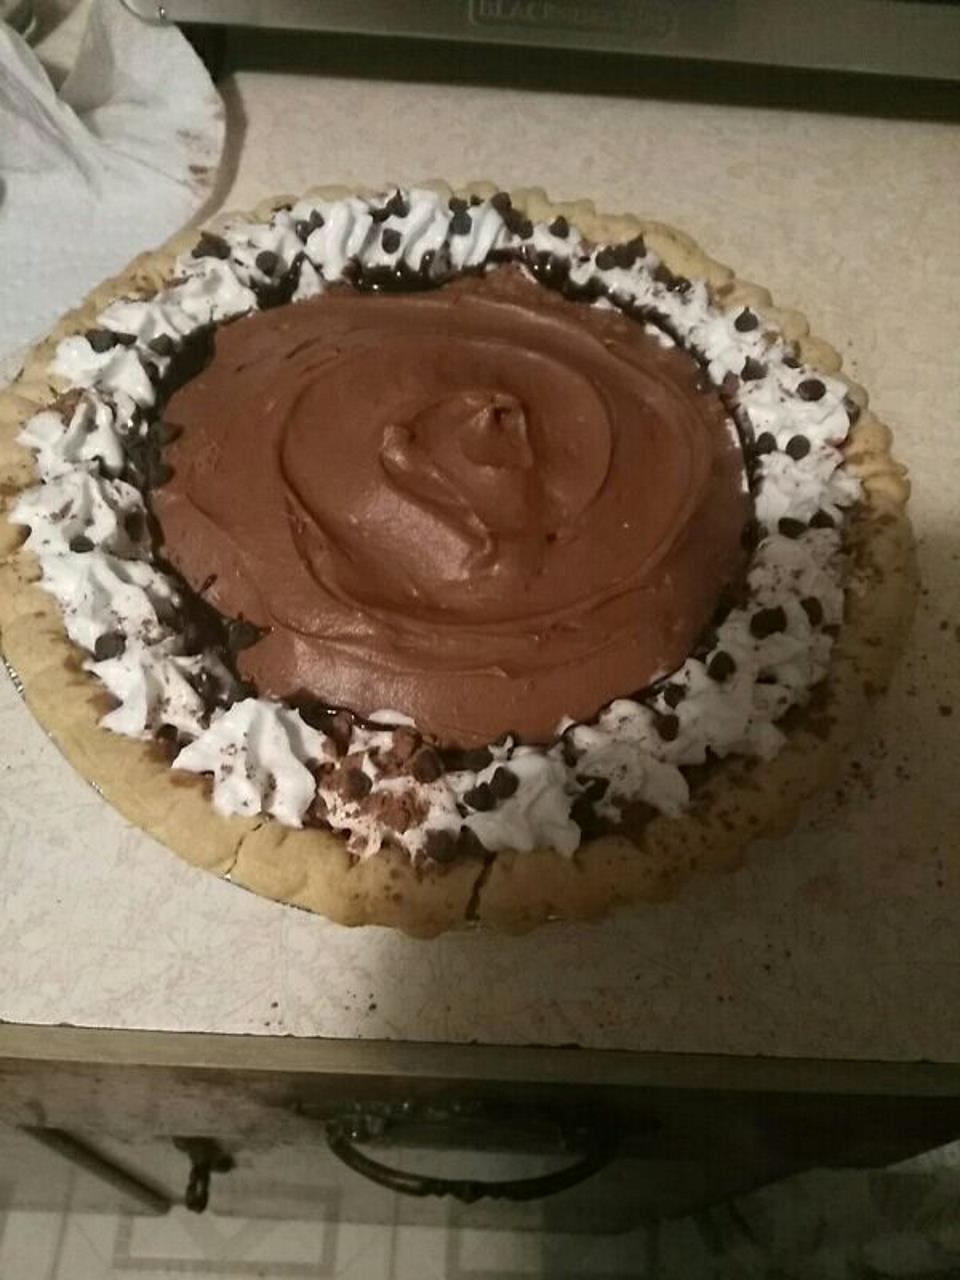 French Silk Chocolate Pie II